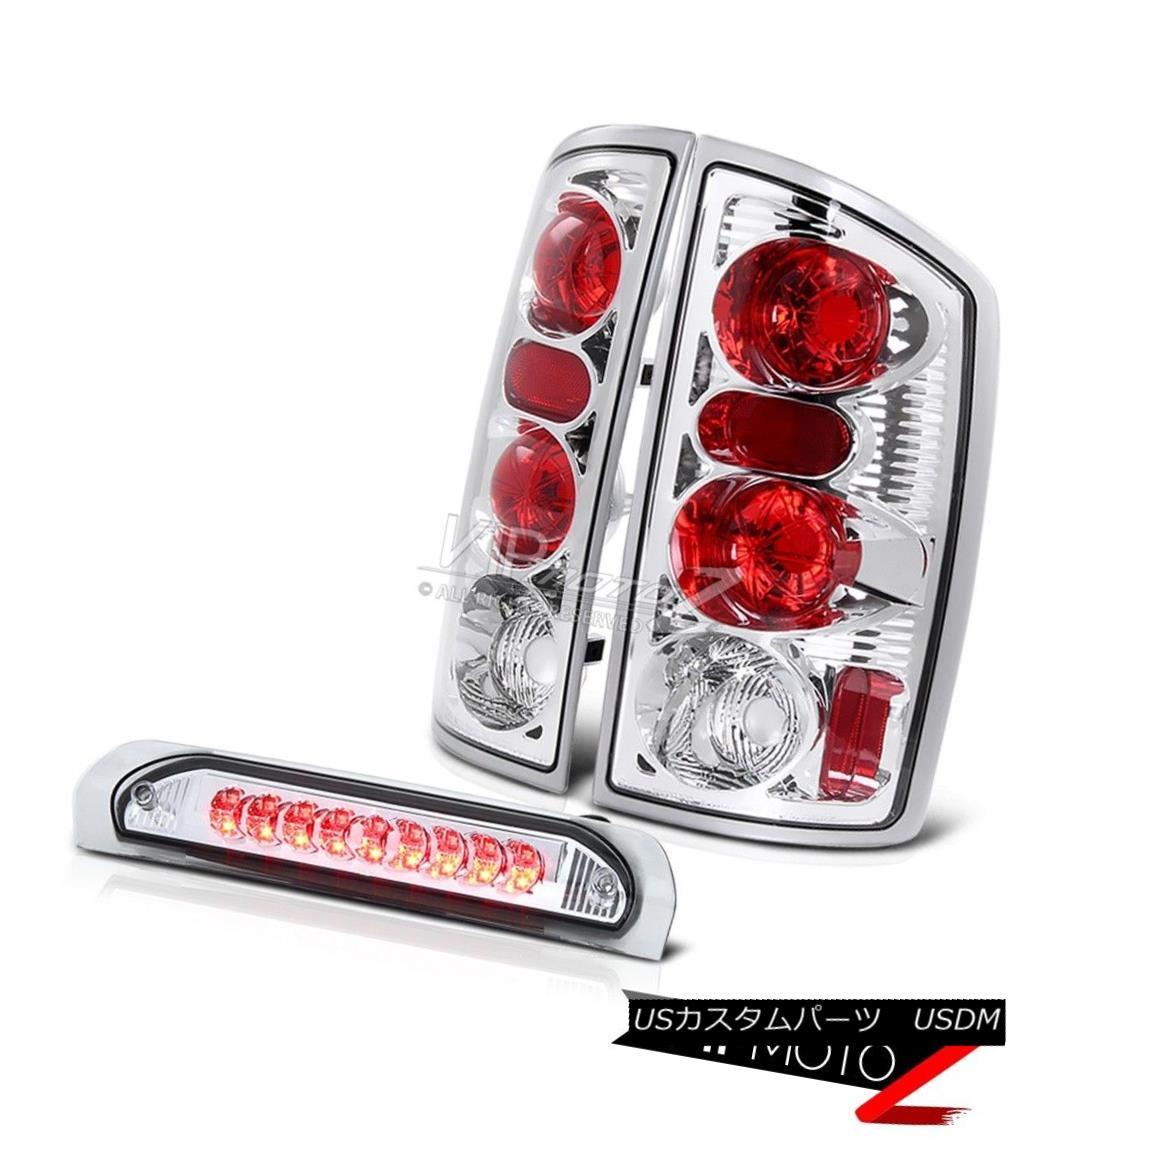 テールライト 02-05 Dodge Ram 1500 Crystal Clear Tail Light+Chrome Led 3rd Brake Lamp Assembly 02-05 Dodge Ram 1500クリスタルクリアテールライト+クロームLed 3rdブレーキランプアセンブリ